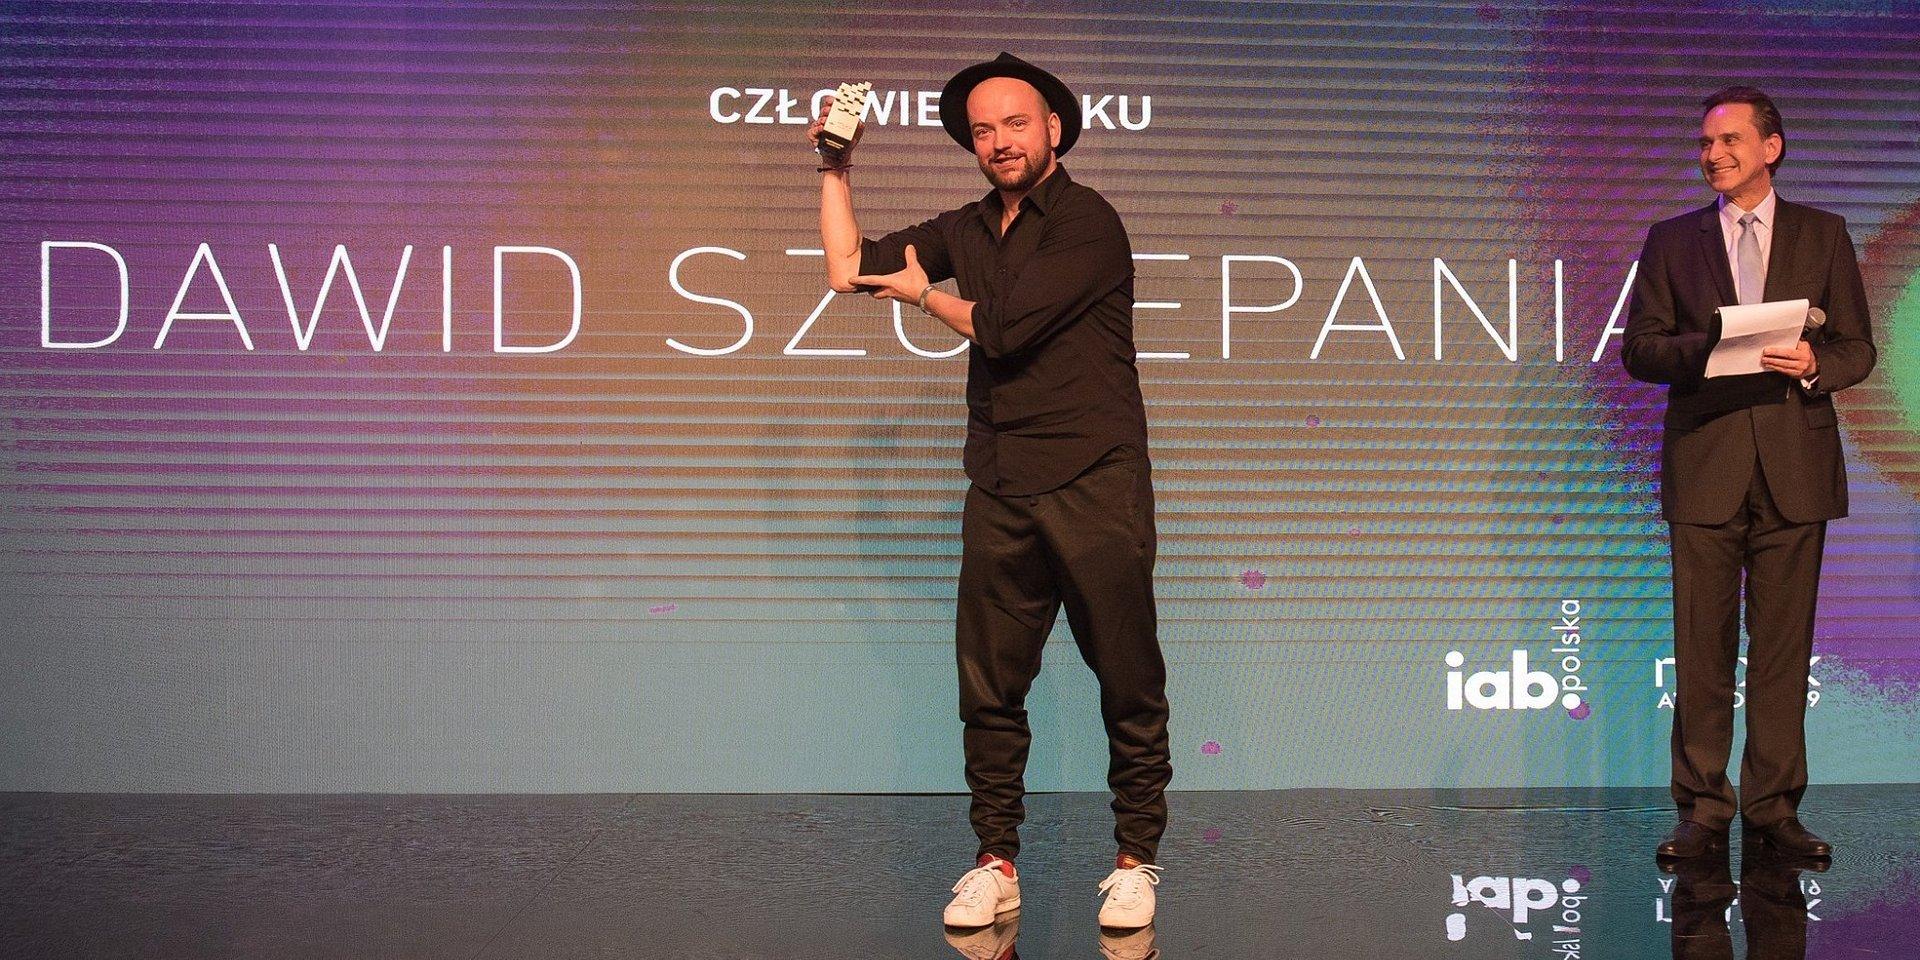 Dawid Szczepaniak Człowiekiem Roku MIXX Awards 2019